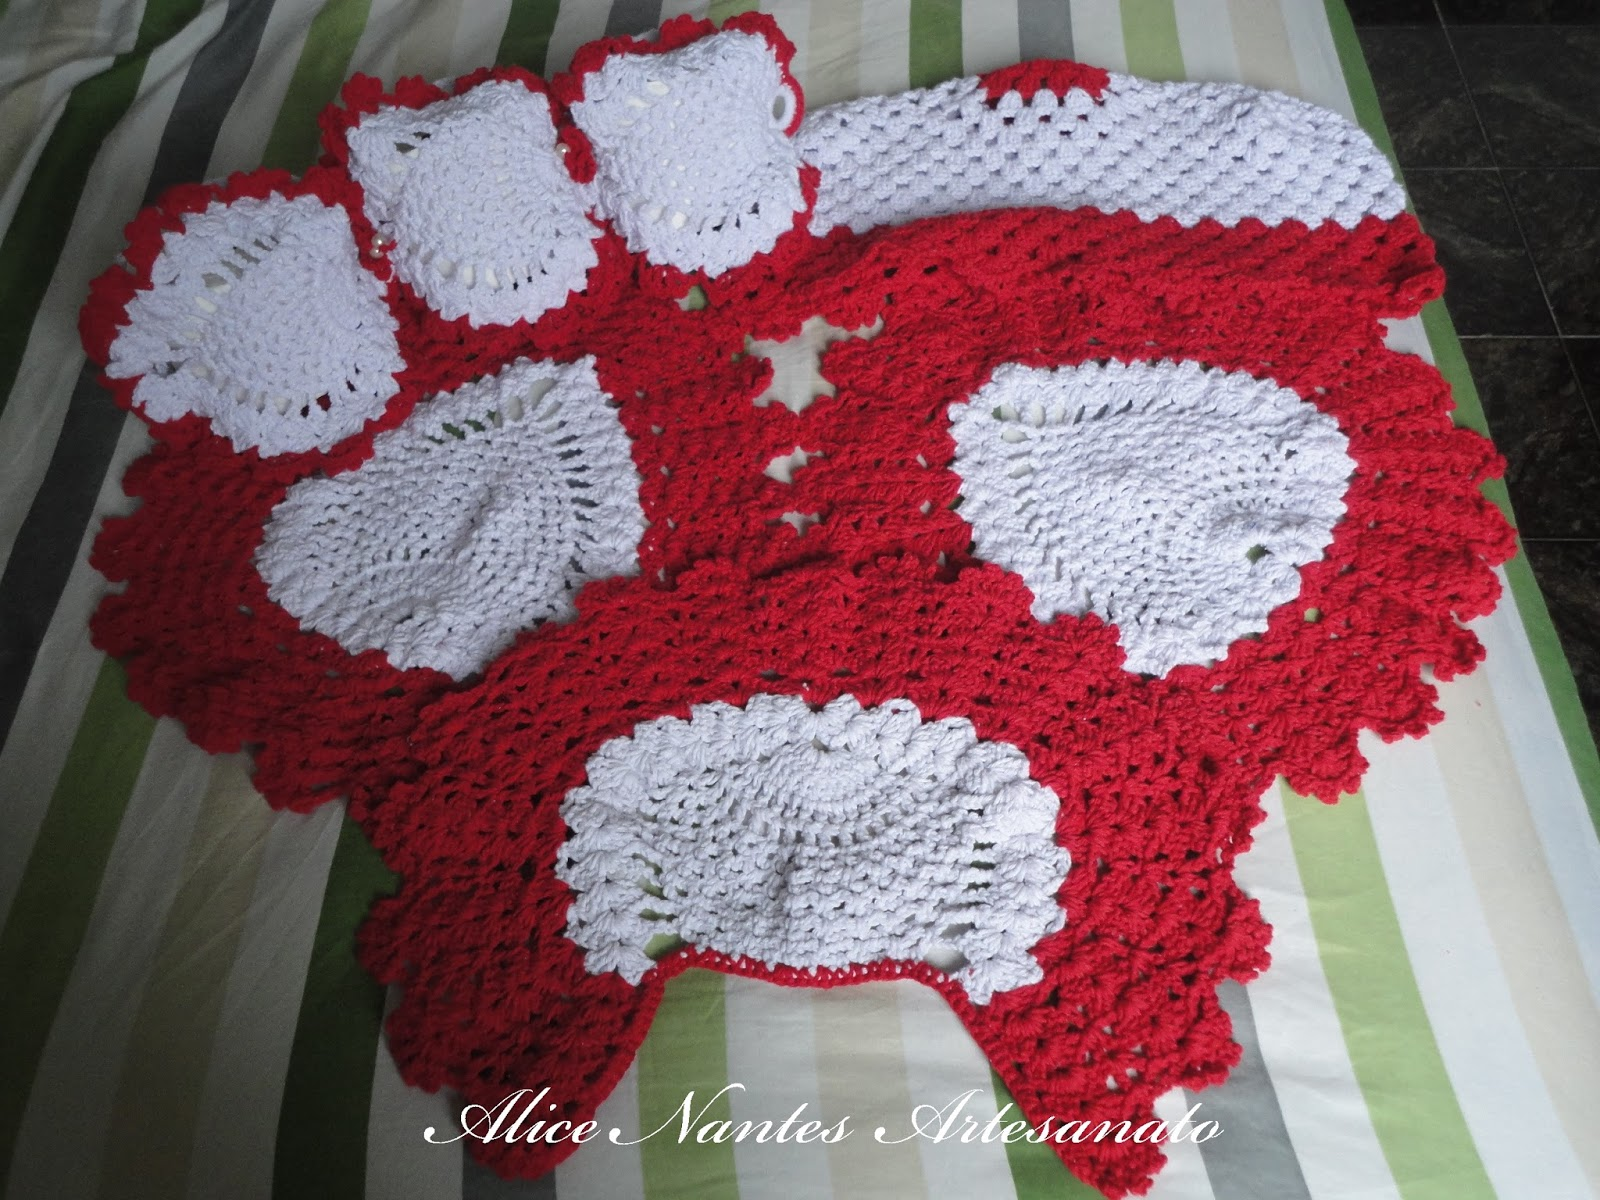 Alice Nantes Artesanato Jogo de Banheiro Vermelho e Branco -> Jogo De Banheiro Pia E Vaso Sanitario